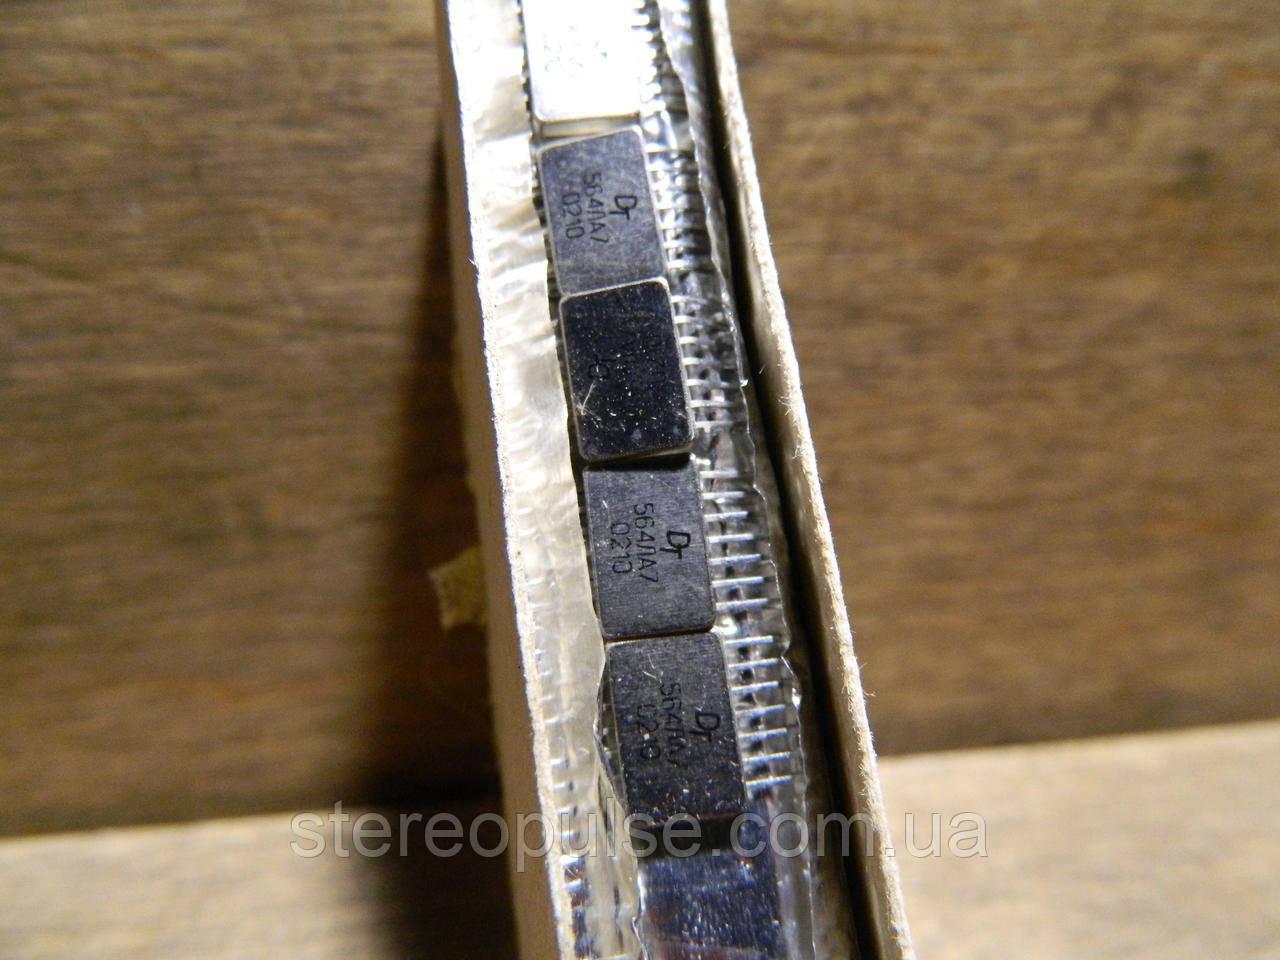 Мікросхема 564ЛА7 NI 2002 рік .